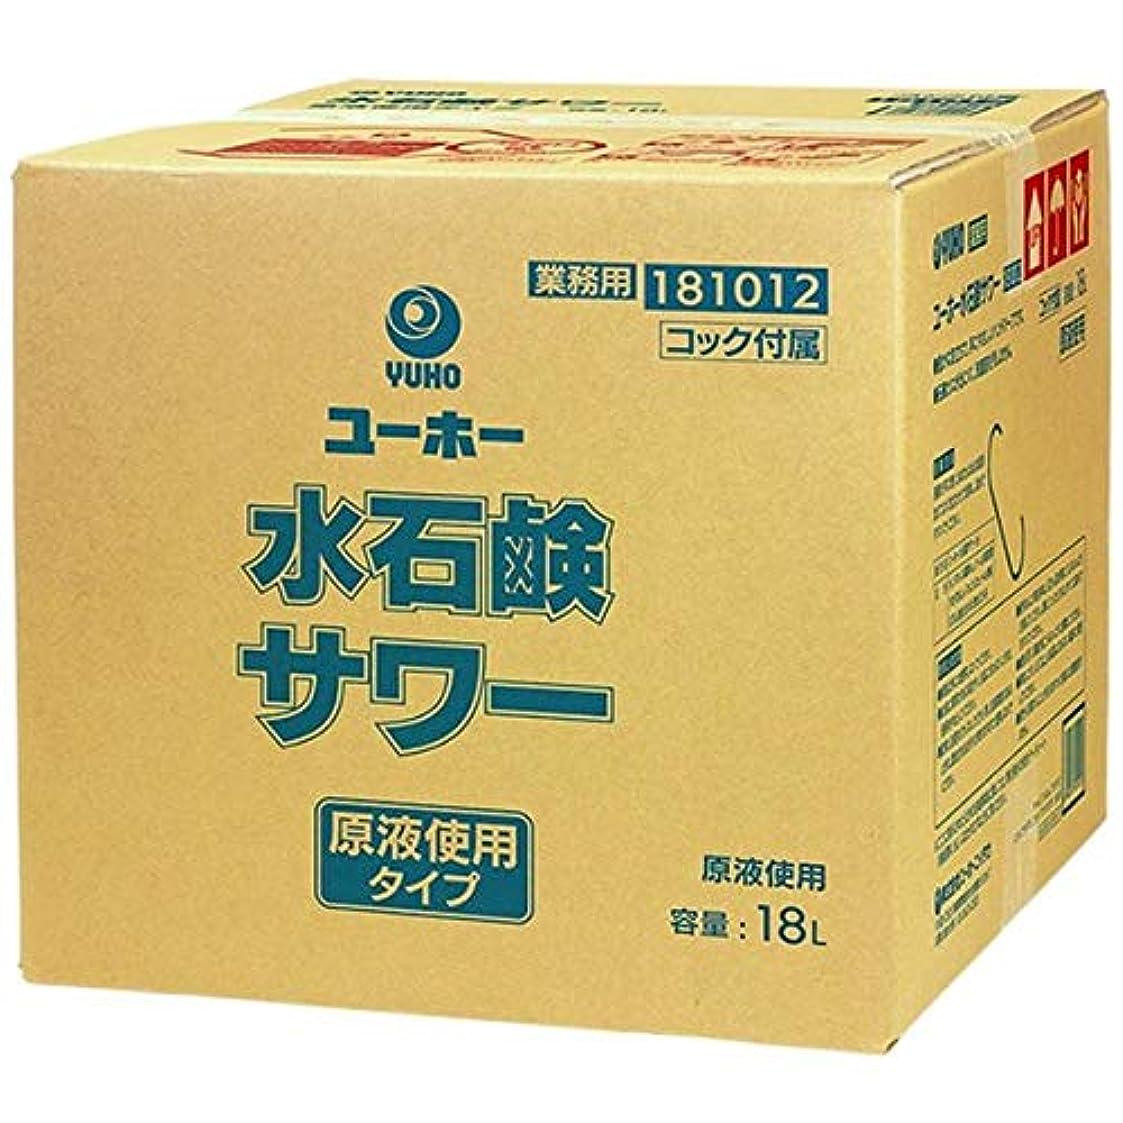 うまくいけばズームインする宇宙業務用 ハンドソープ 水石鹸サワー 原液タイプ 18L 181011 (希釈しないで使用できる原液タイプのハンドソープ)